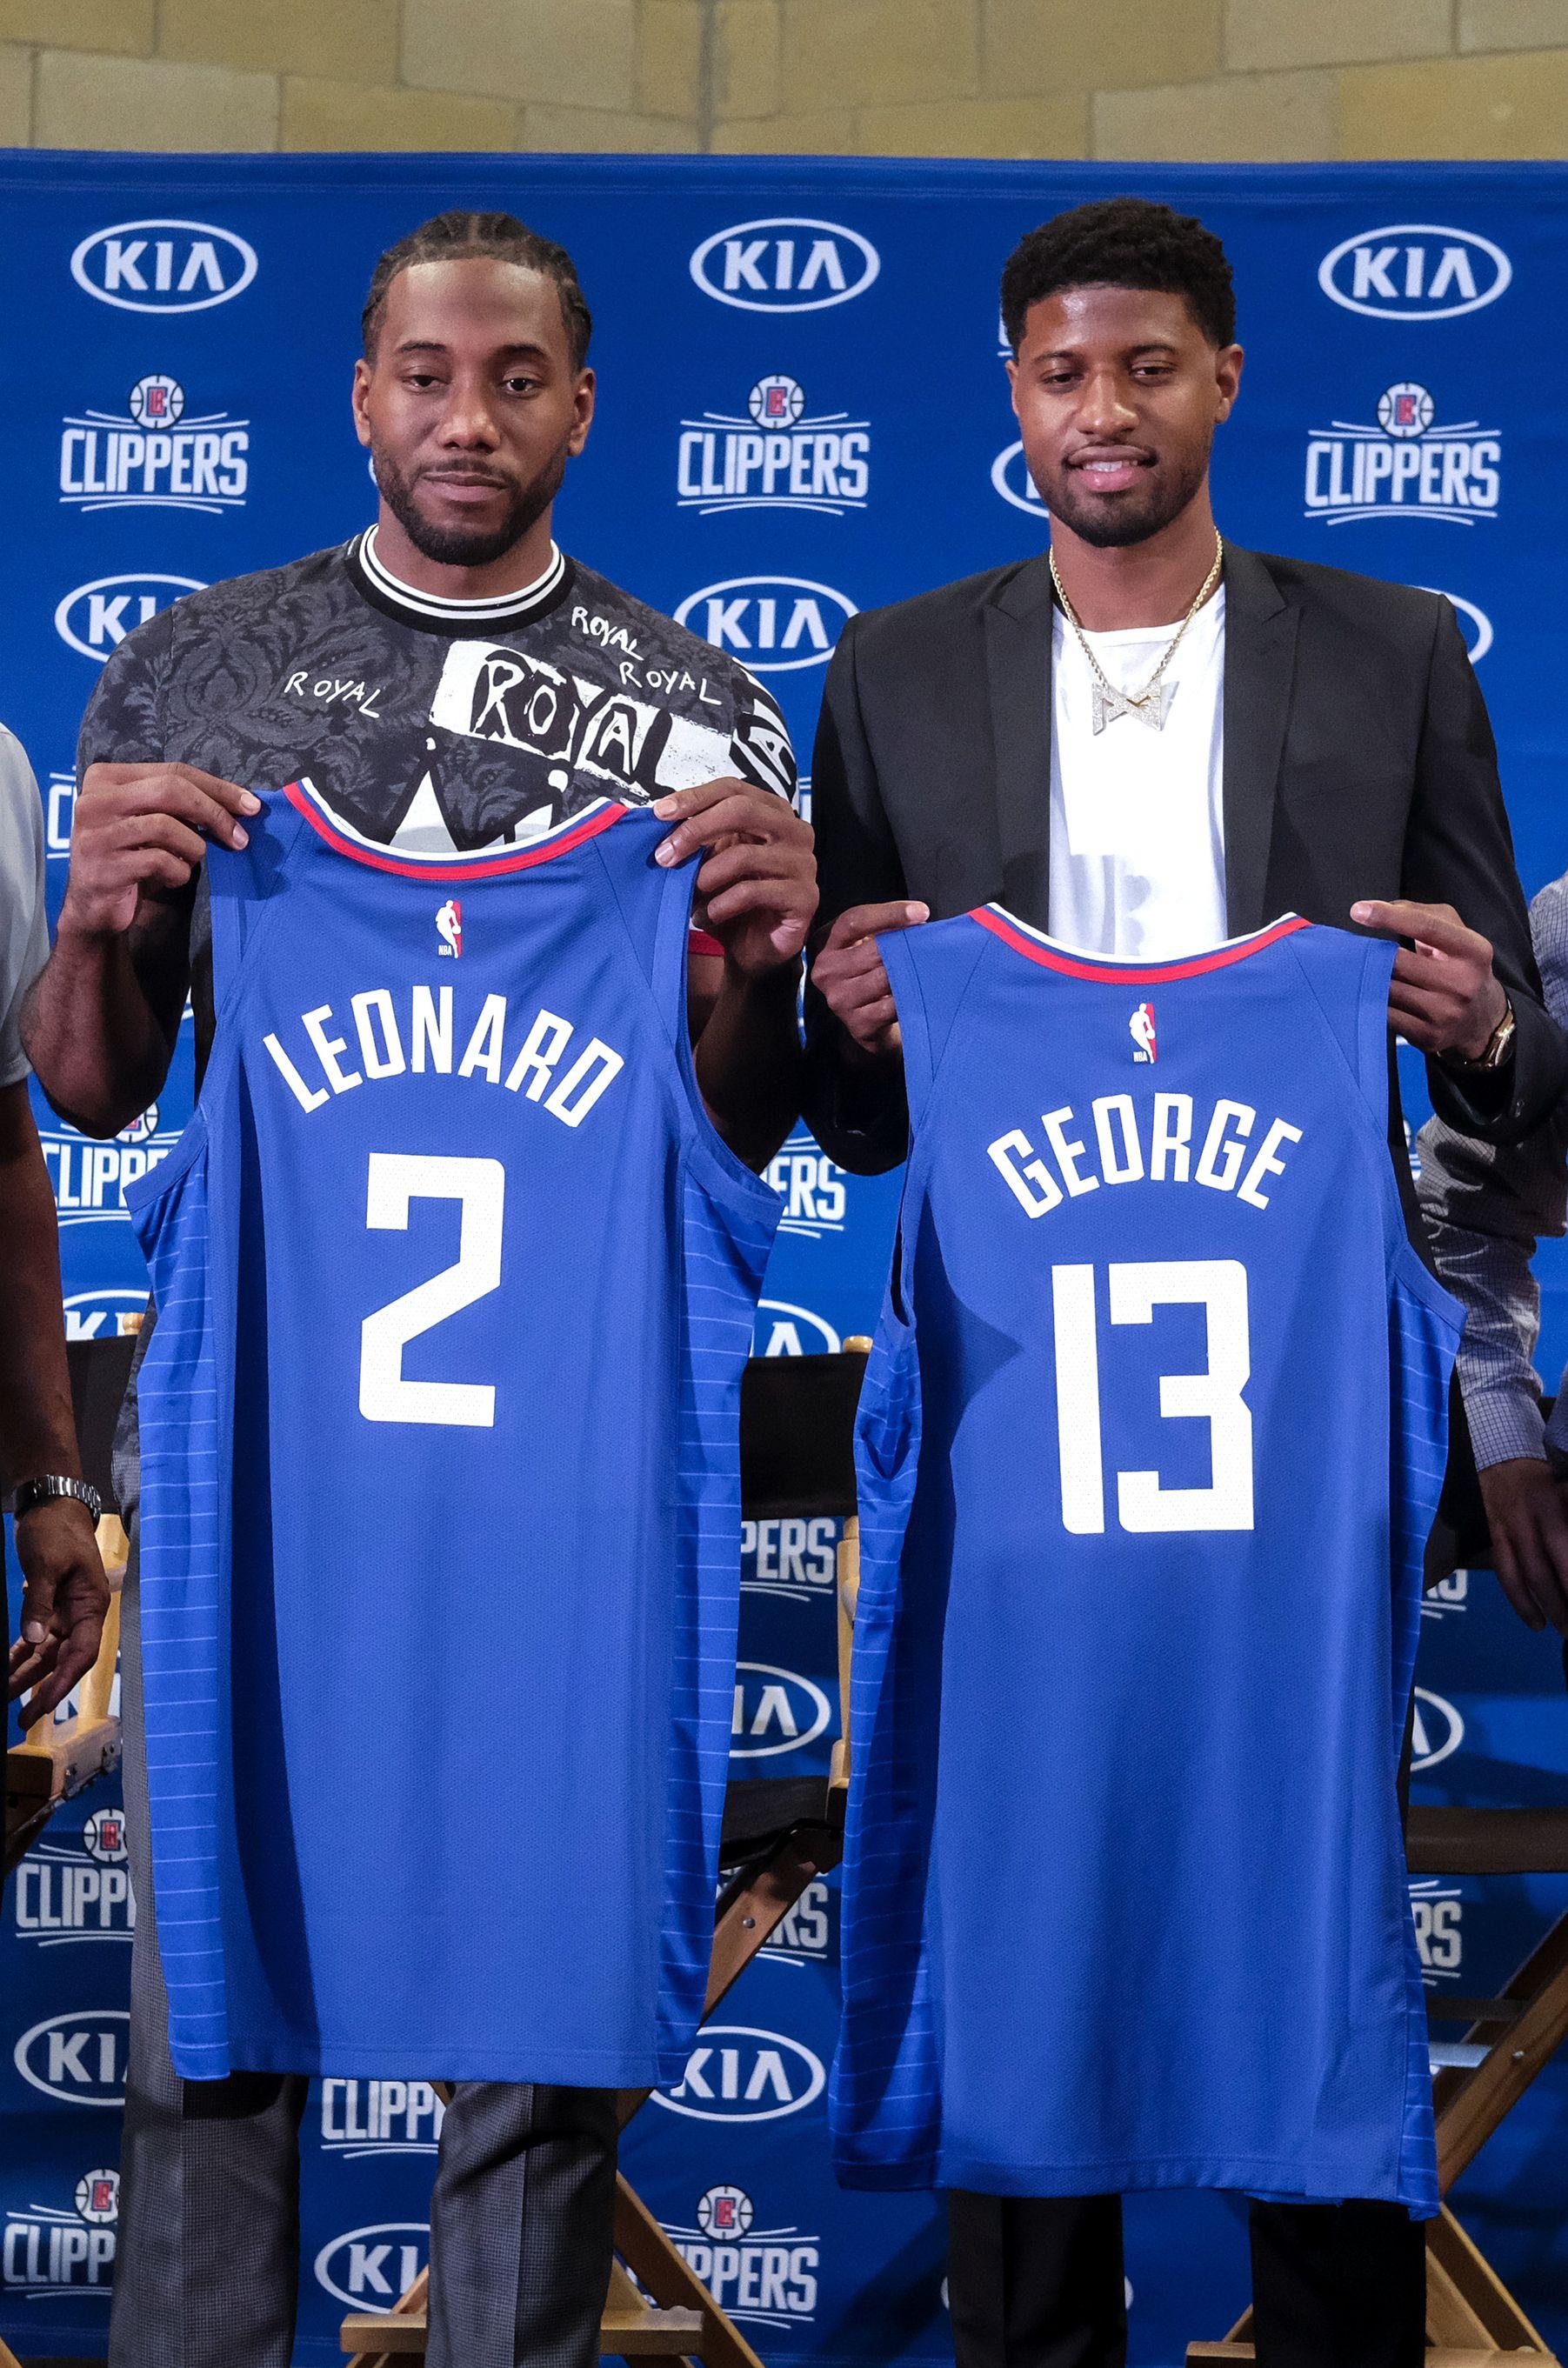 李安納(左)和保羅佐治分別穿二和十三號球衣。AP